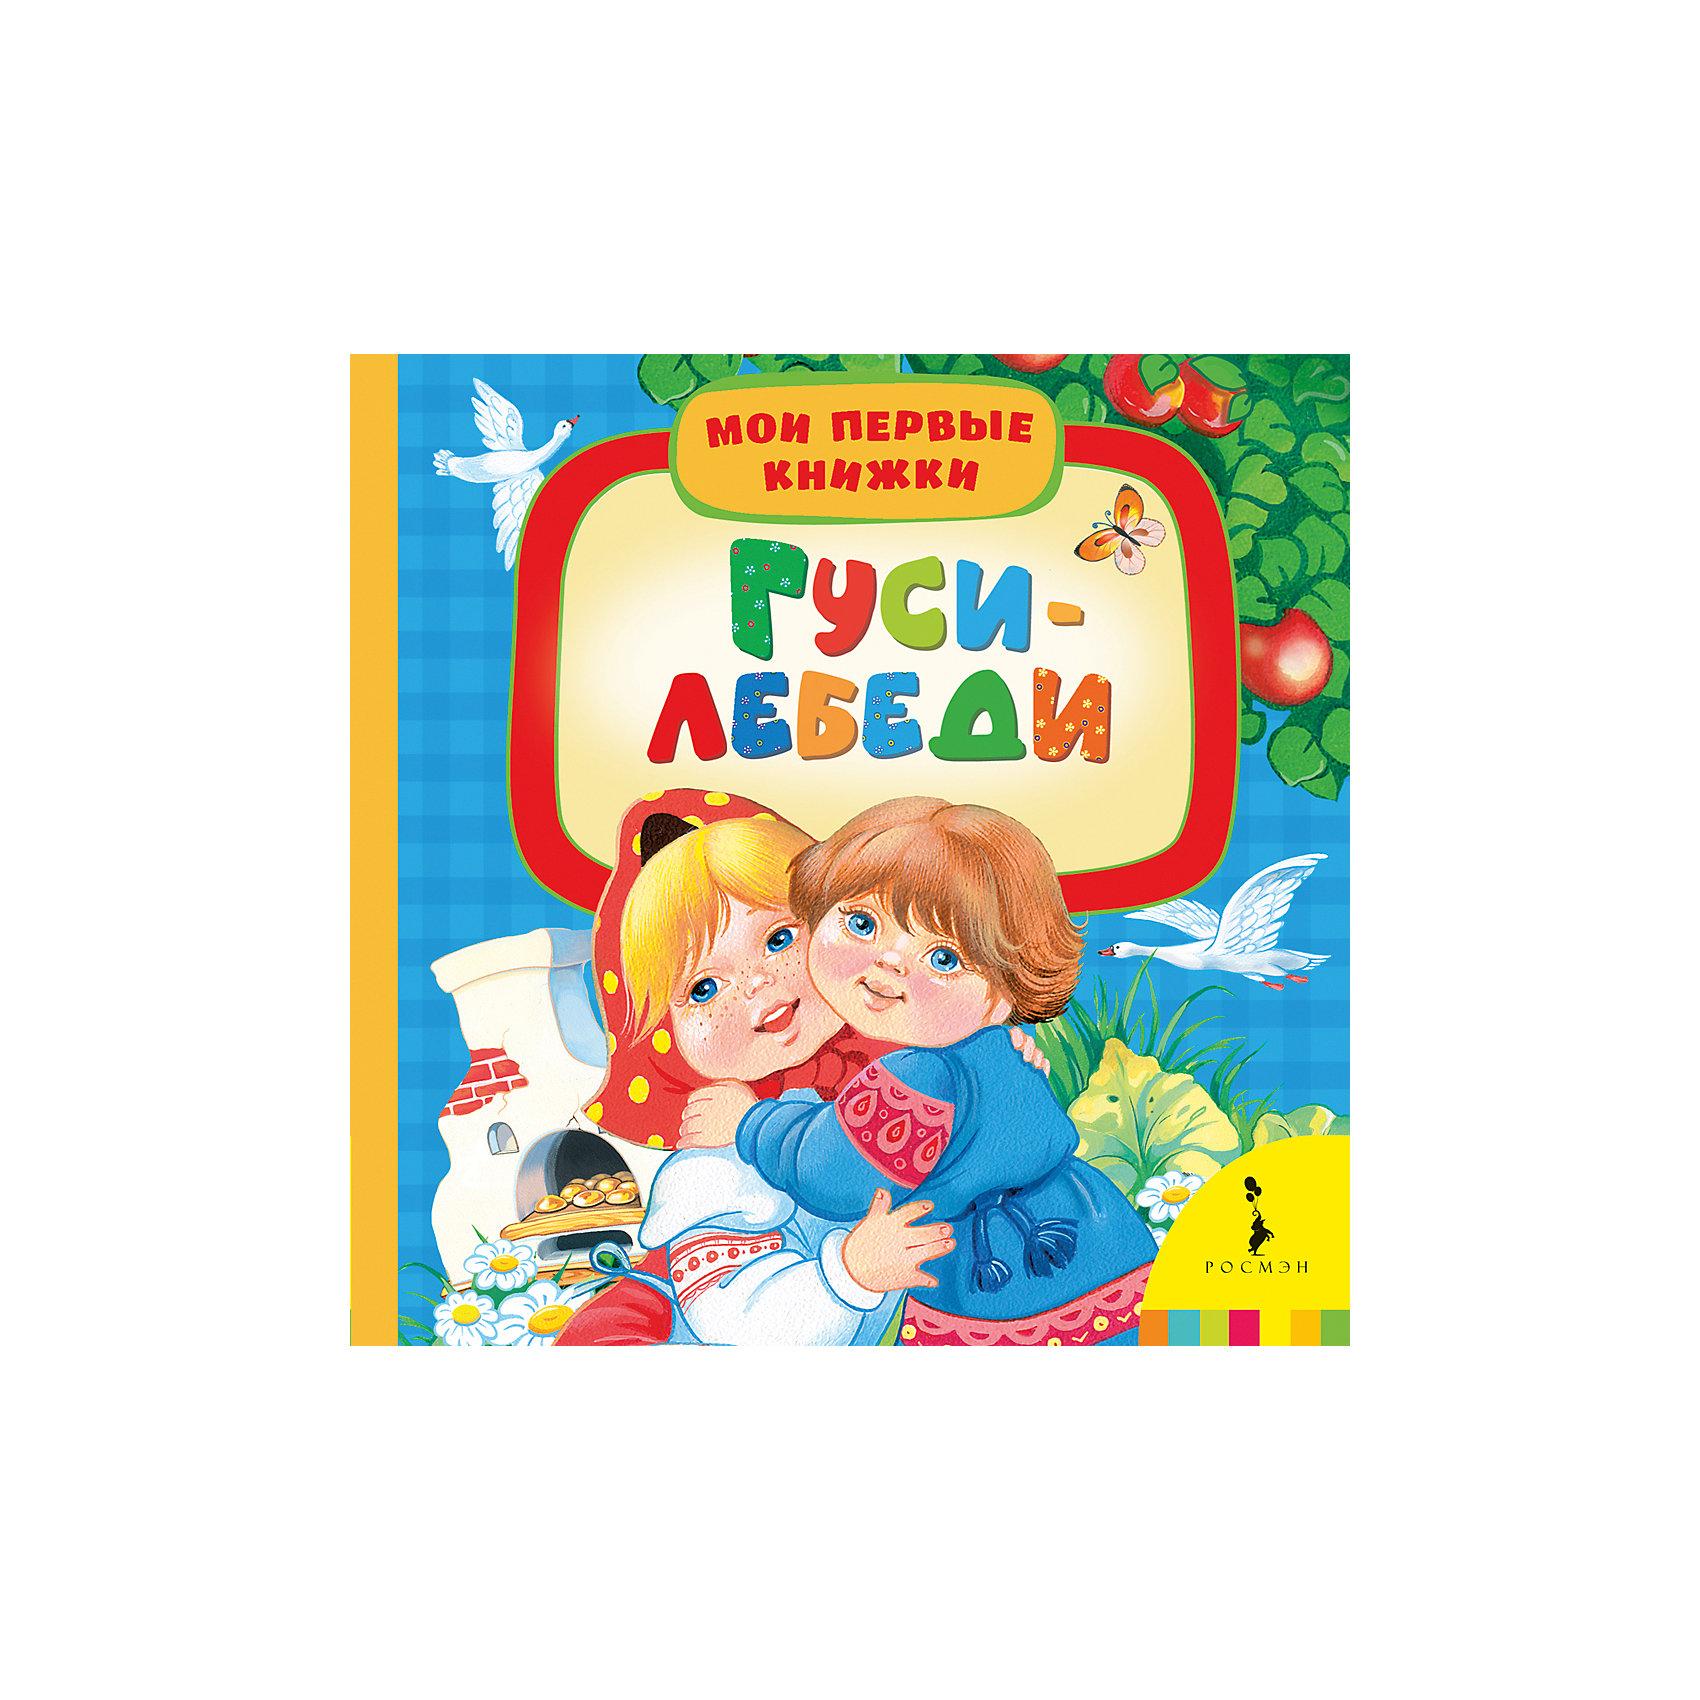 Росмэн Гуси-лебеди, Мои первые книжки книжки картонки росмэн первые книжки малыша гадкий утёнок